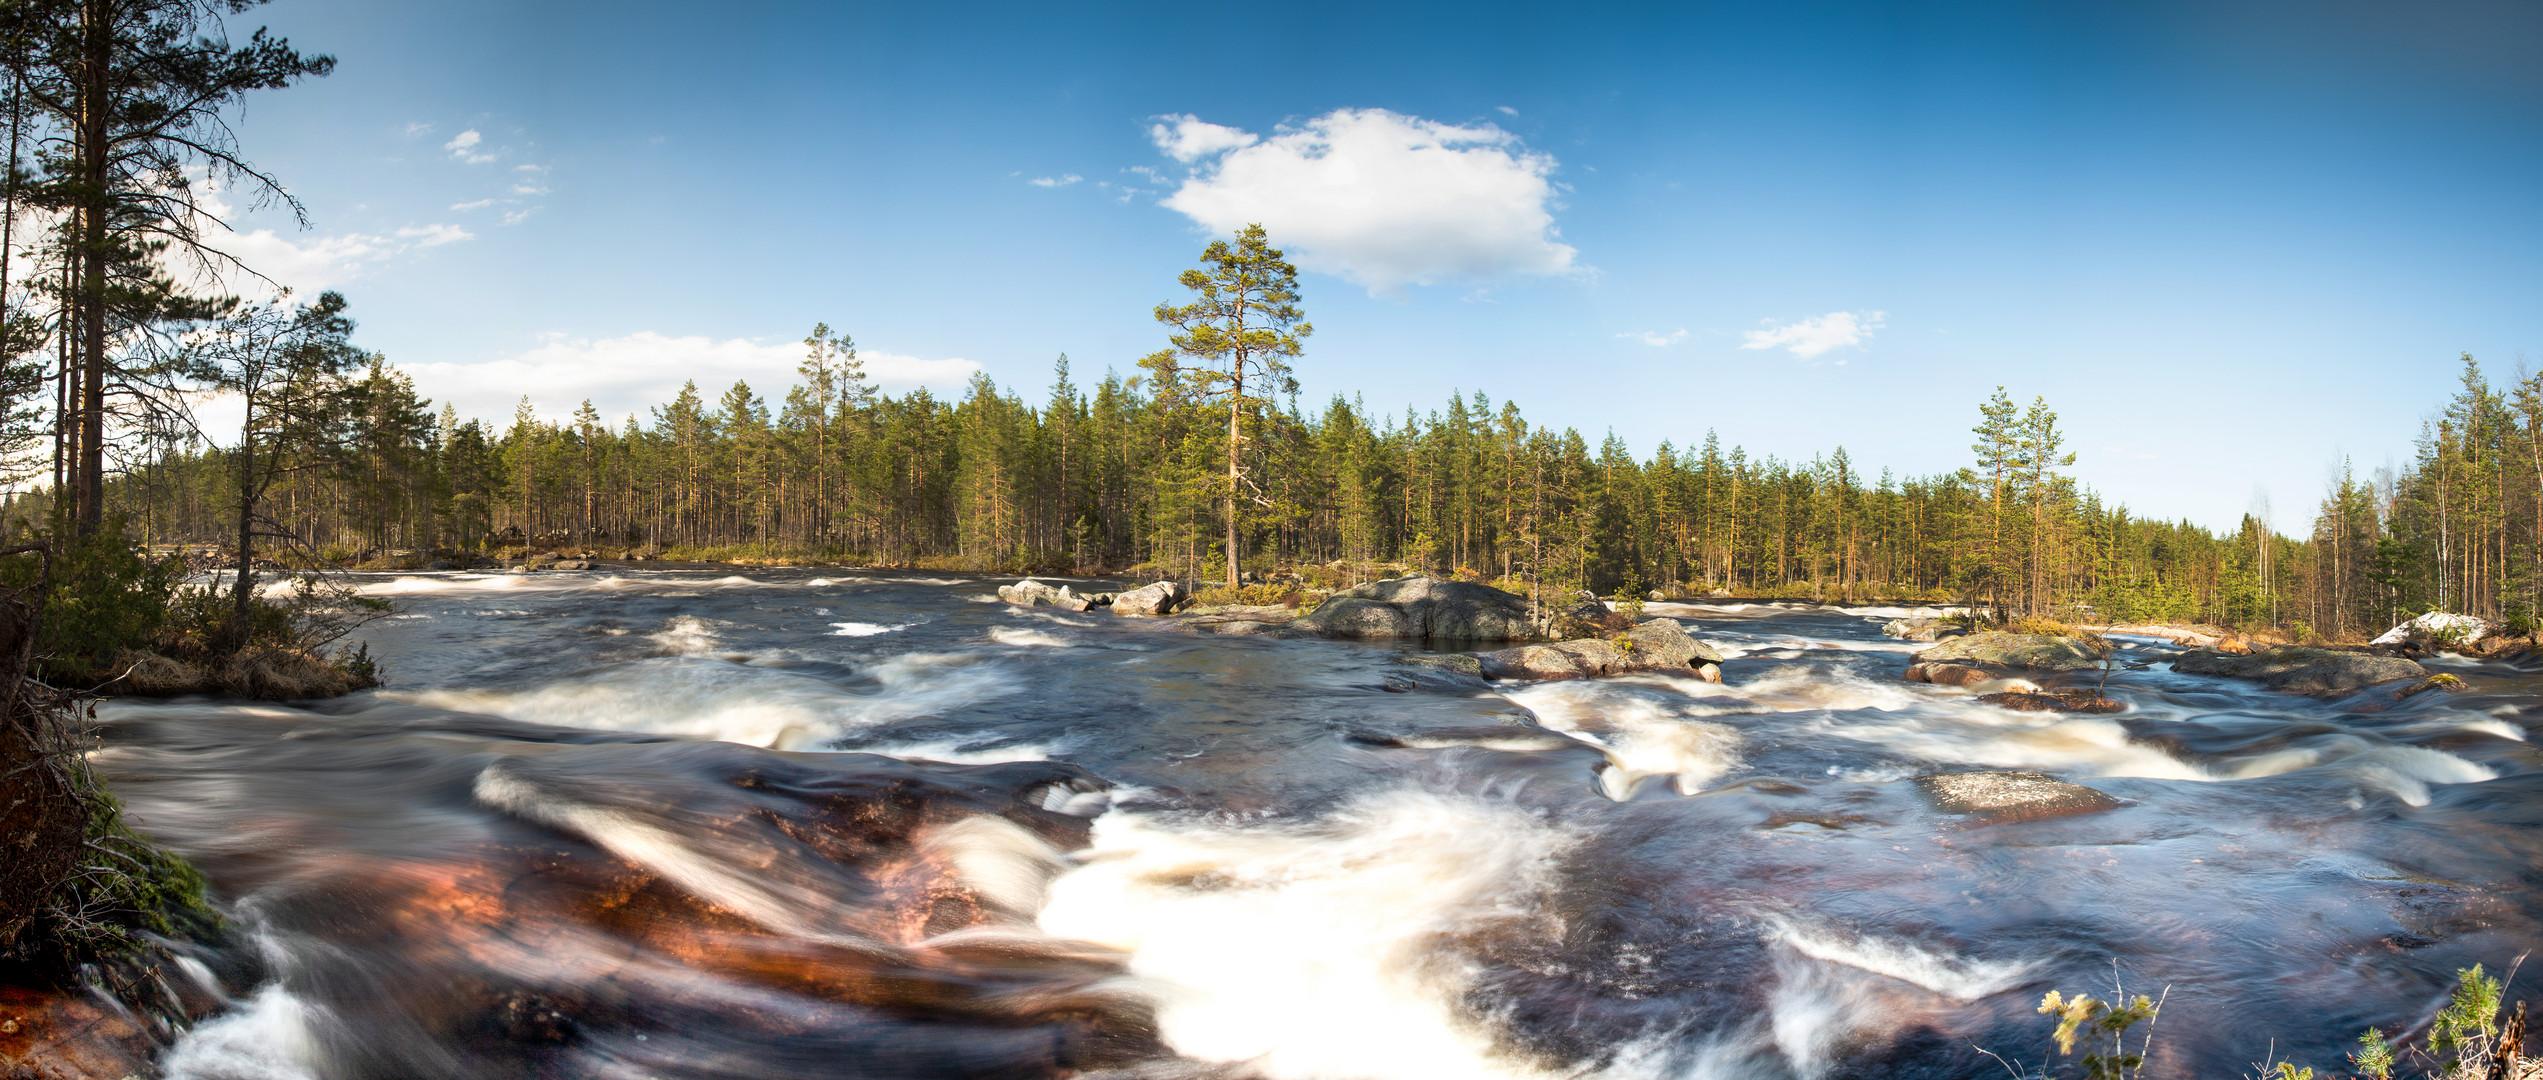 Am wilden Fluss II